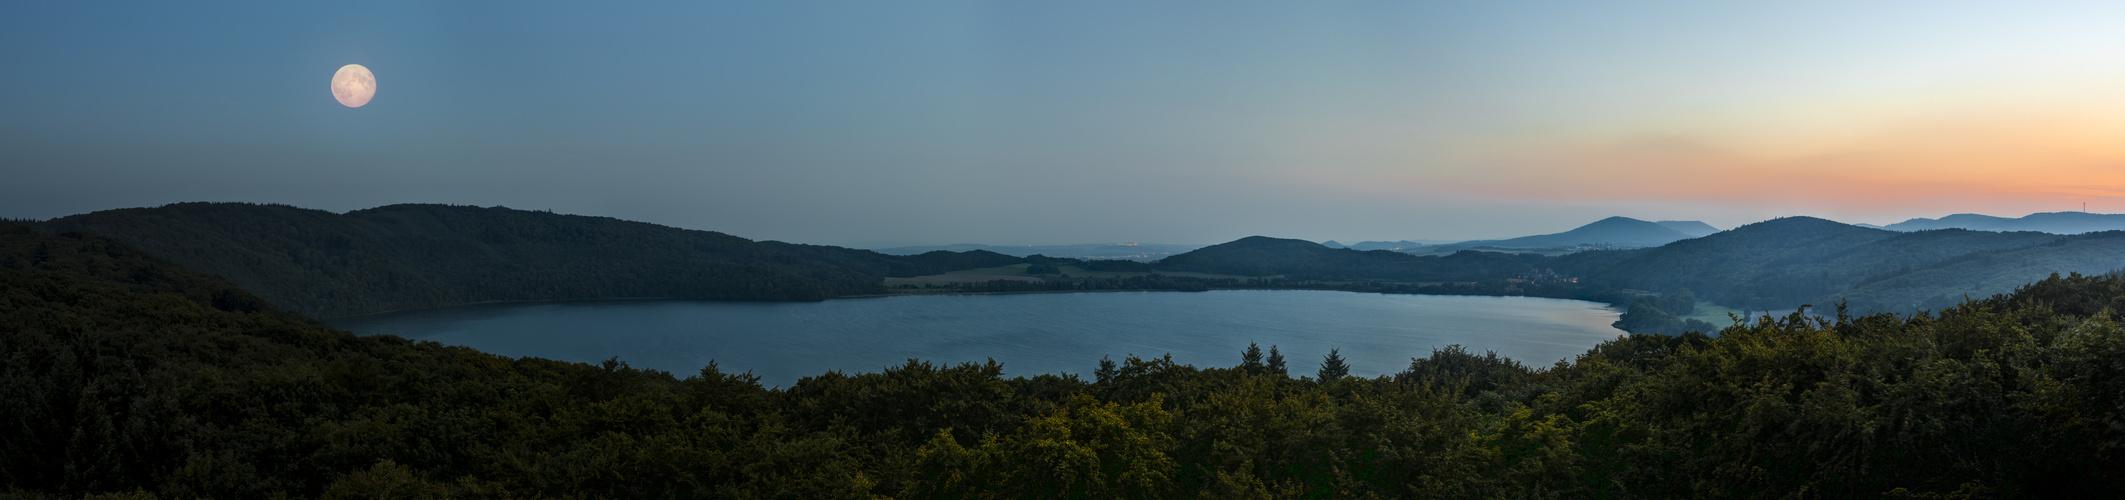 Der Laacher See bei Vollmond